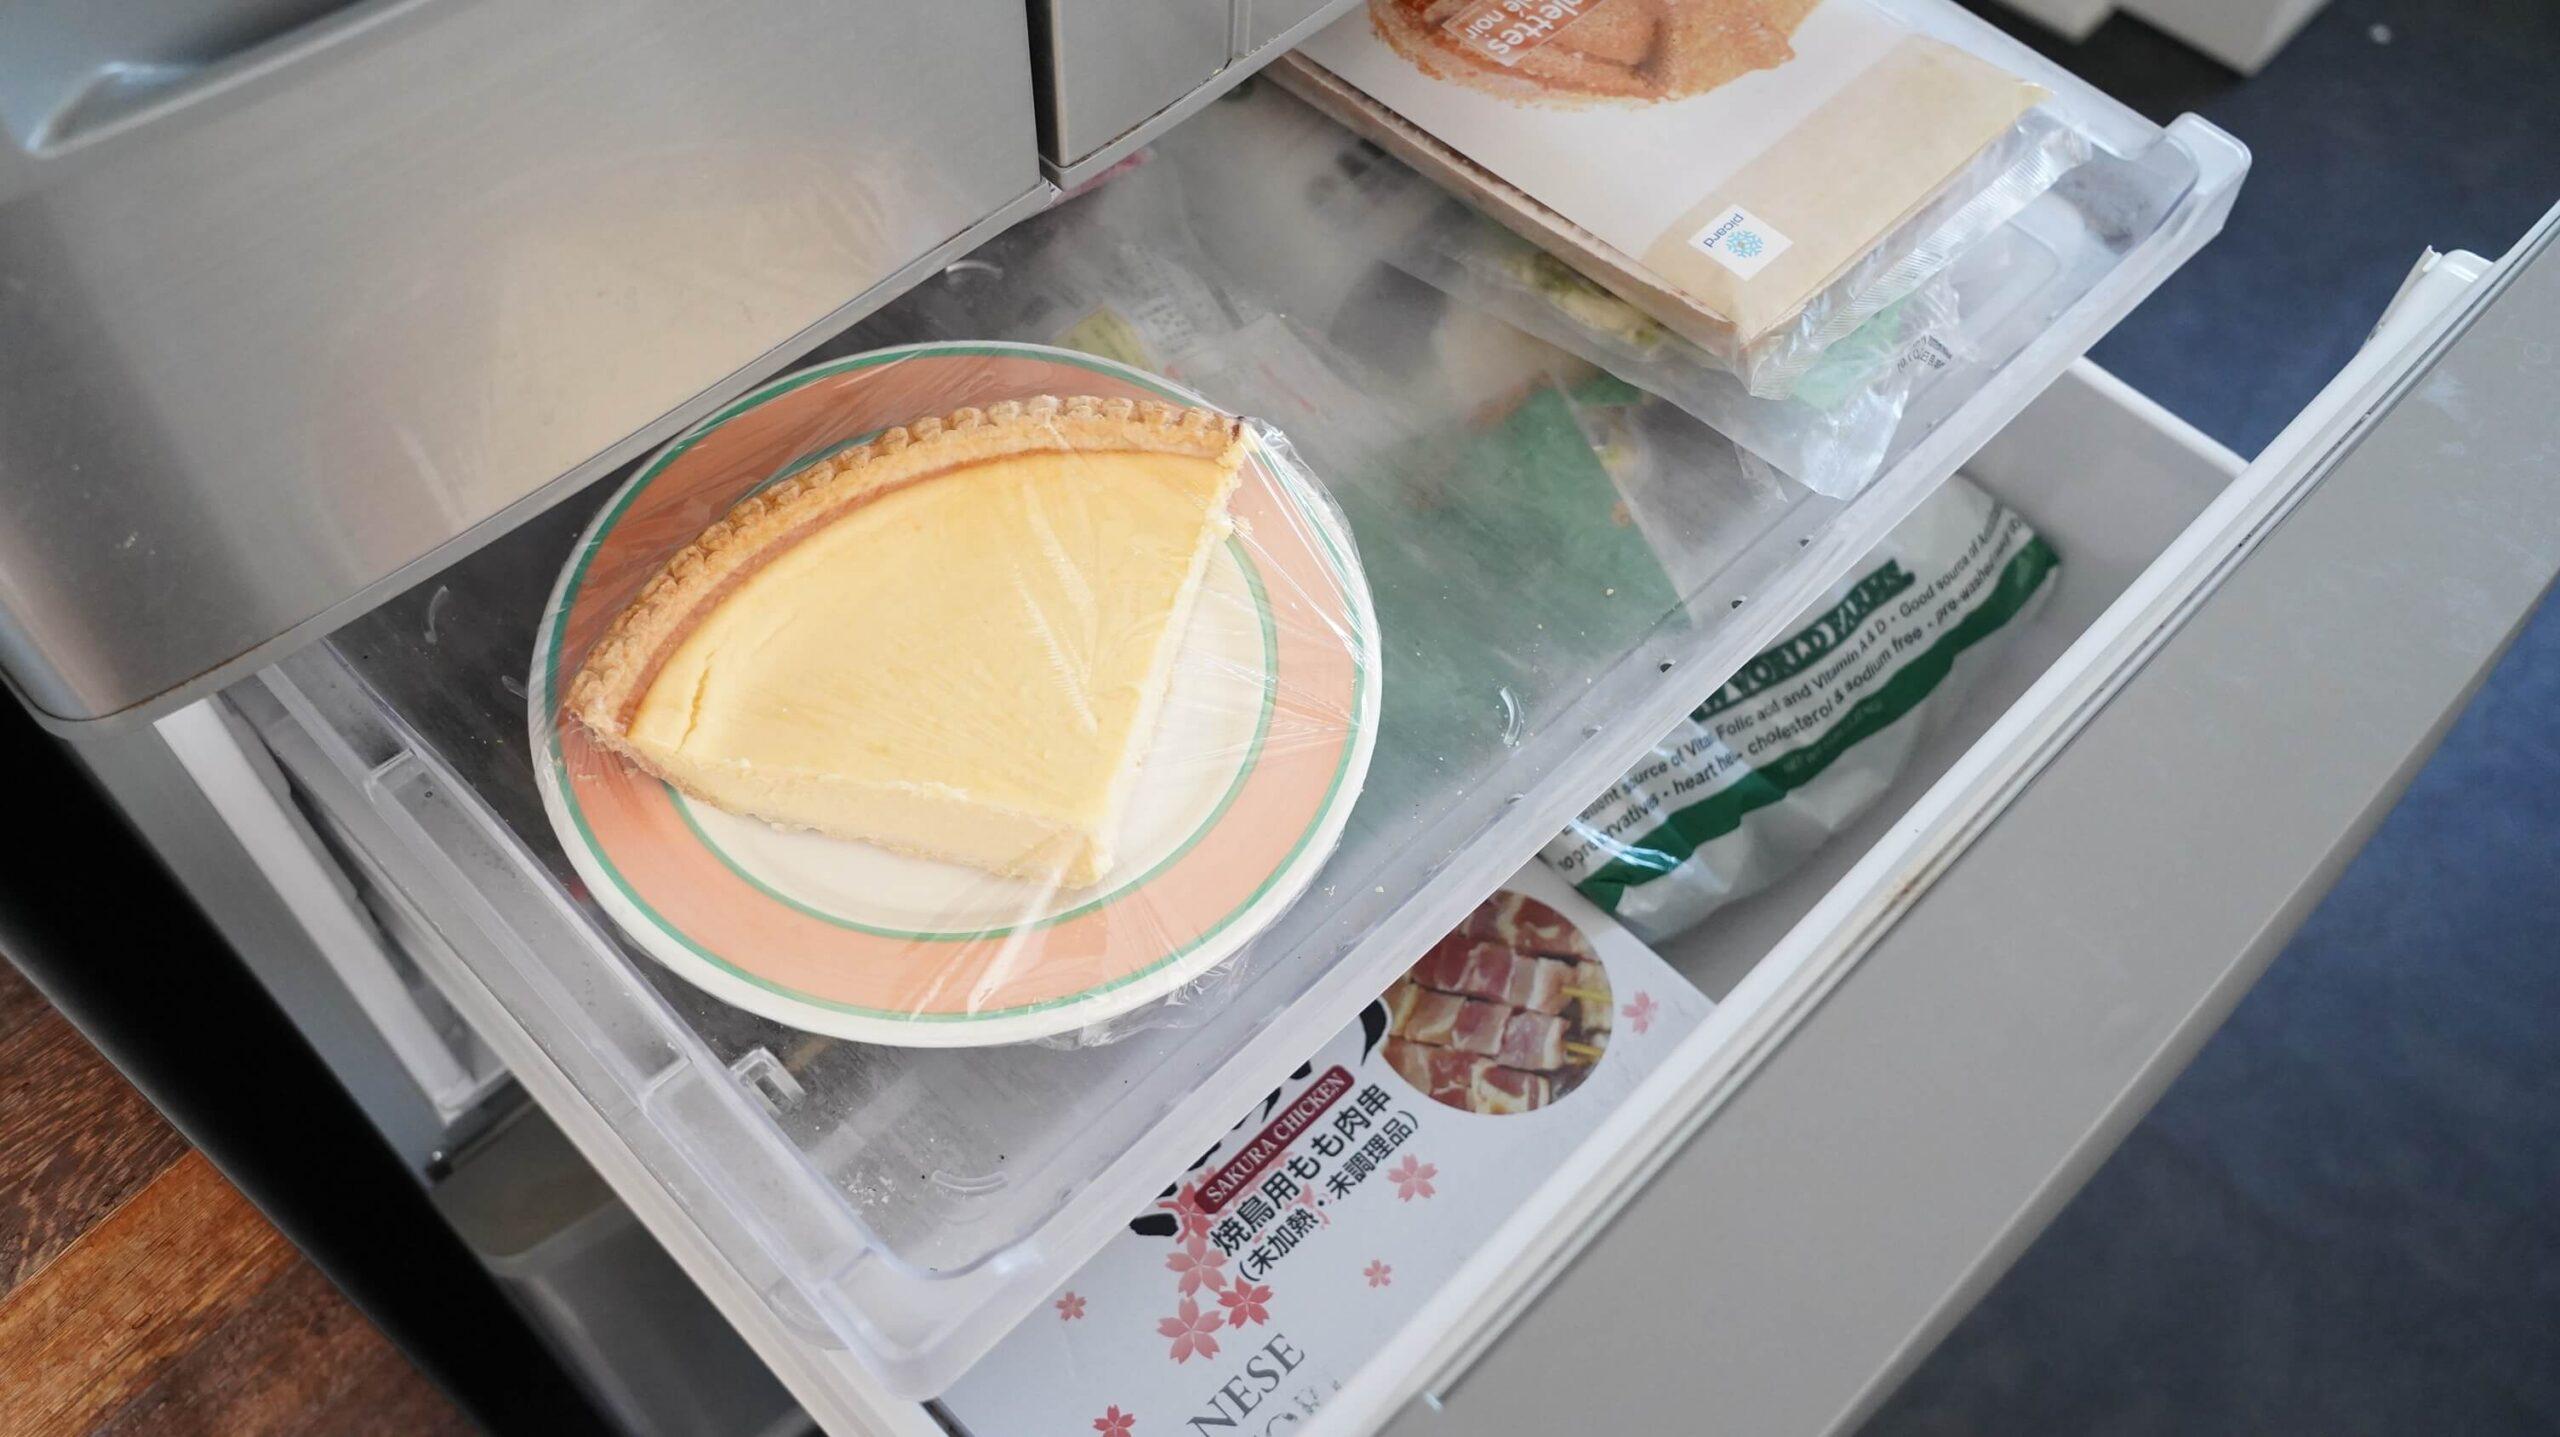 コストコのチーズケーキ「トリプルチーズタルト」を冷凍庫に入れている写真